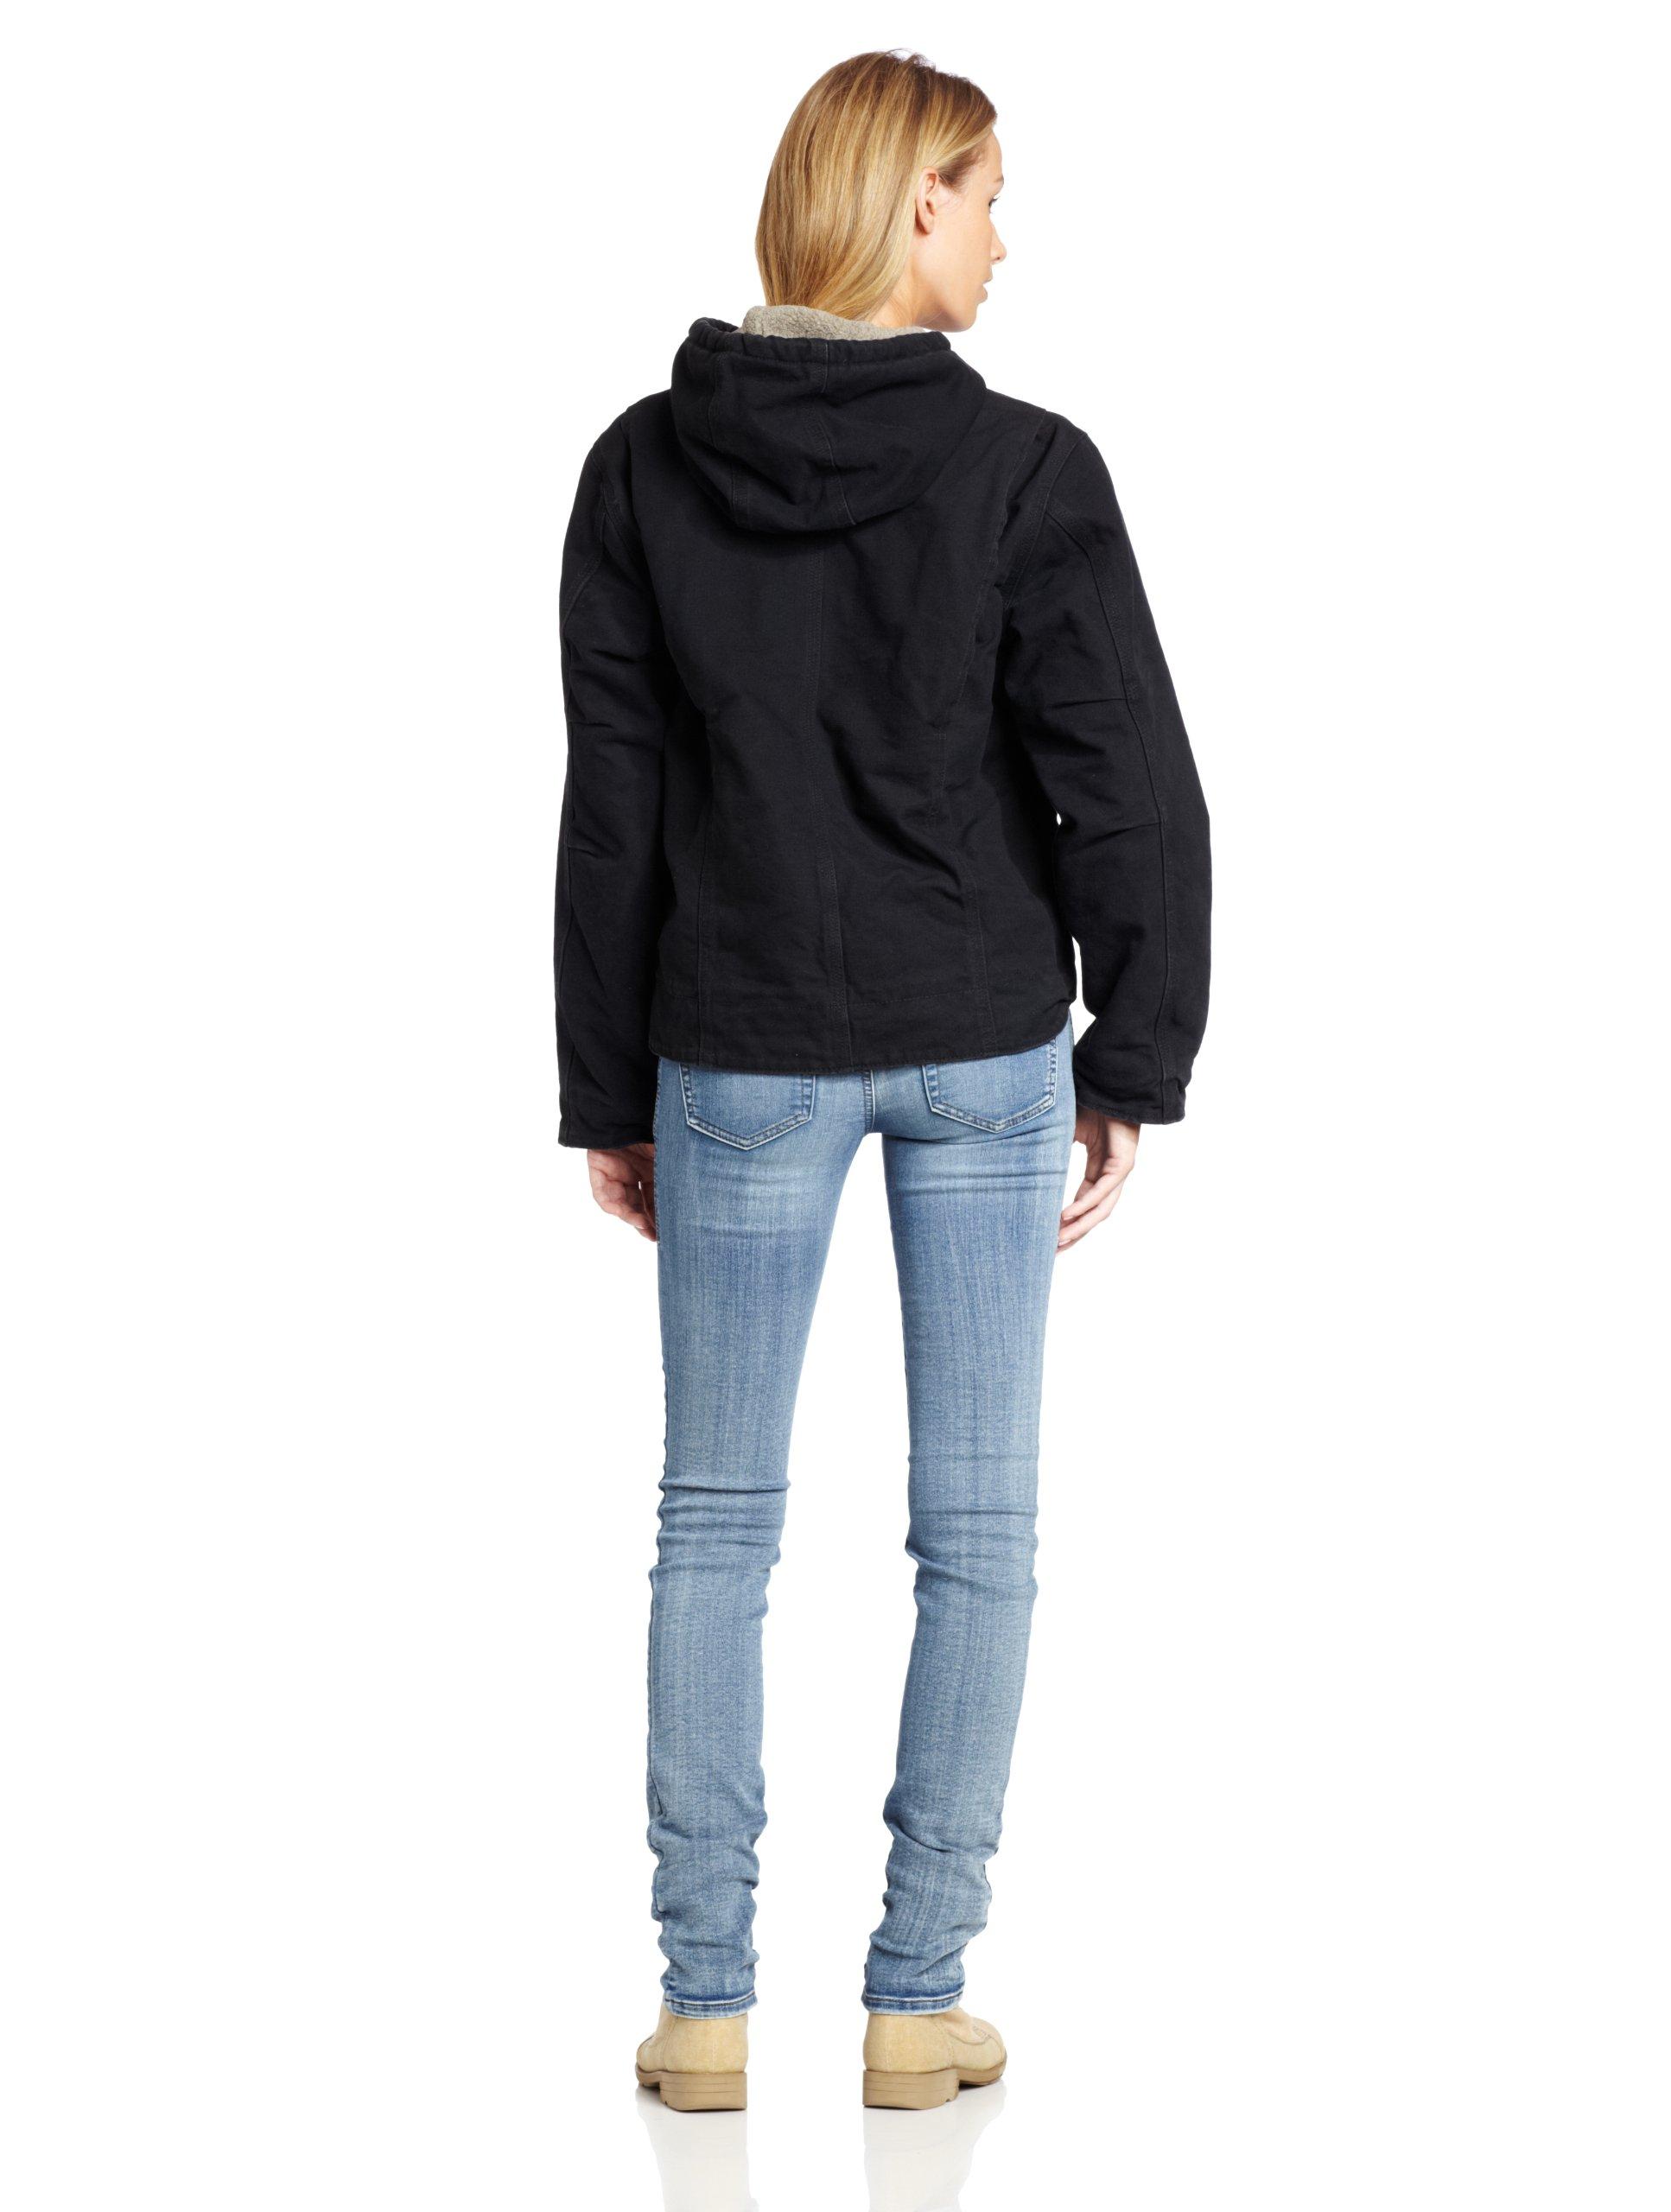 Carhartt Women's Sherpa Lined Sandstone Sierra Jacket Zip Front Hooded WJ141,Black,Large by Carhartt (Image #2)